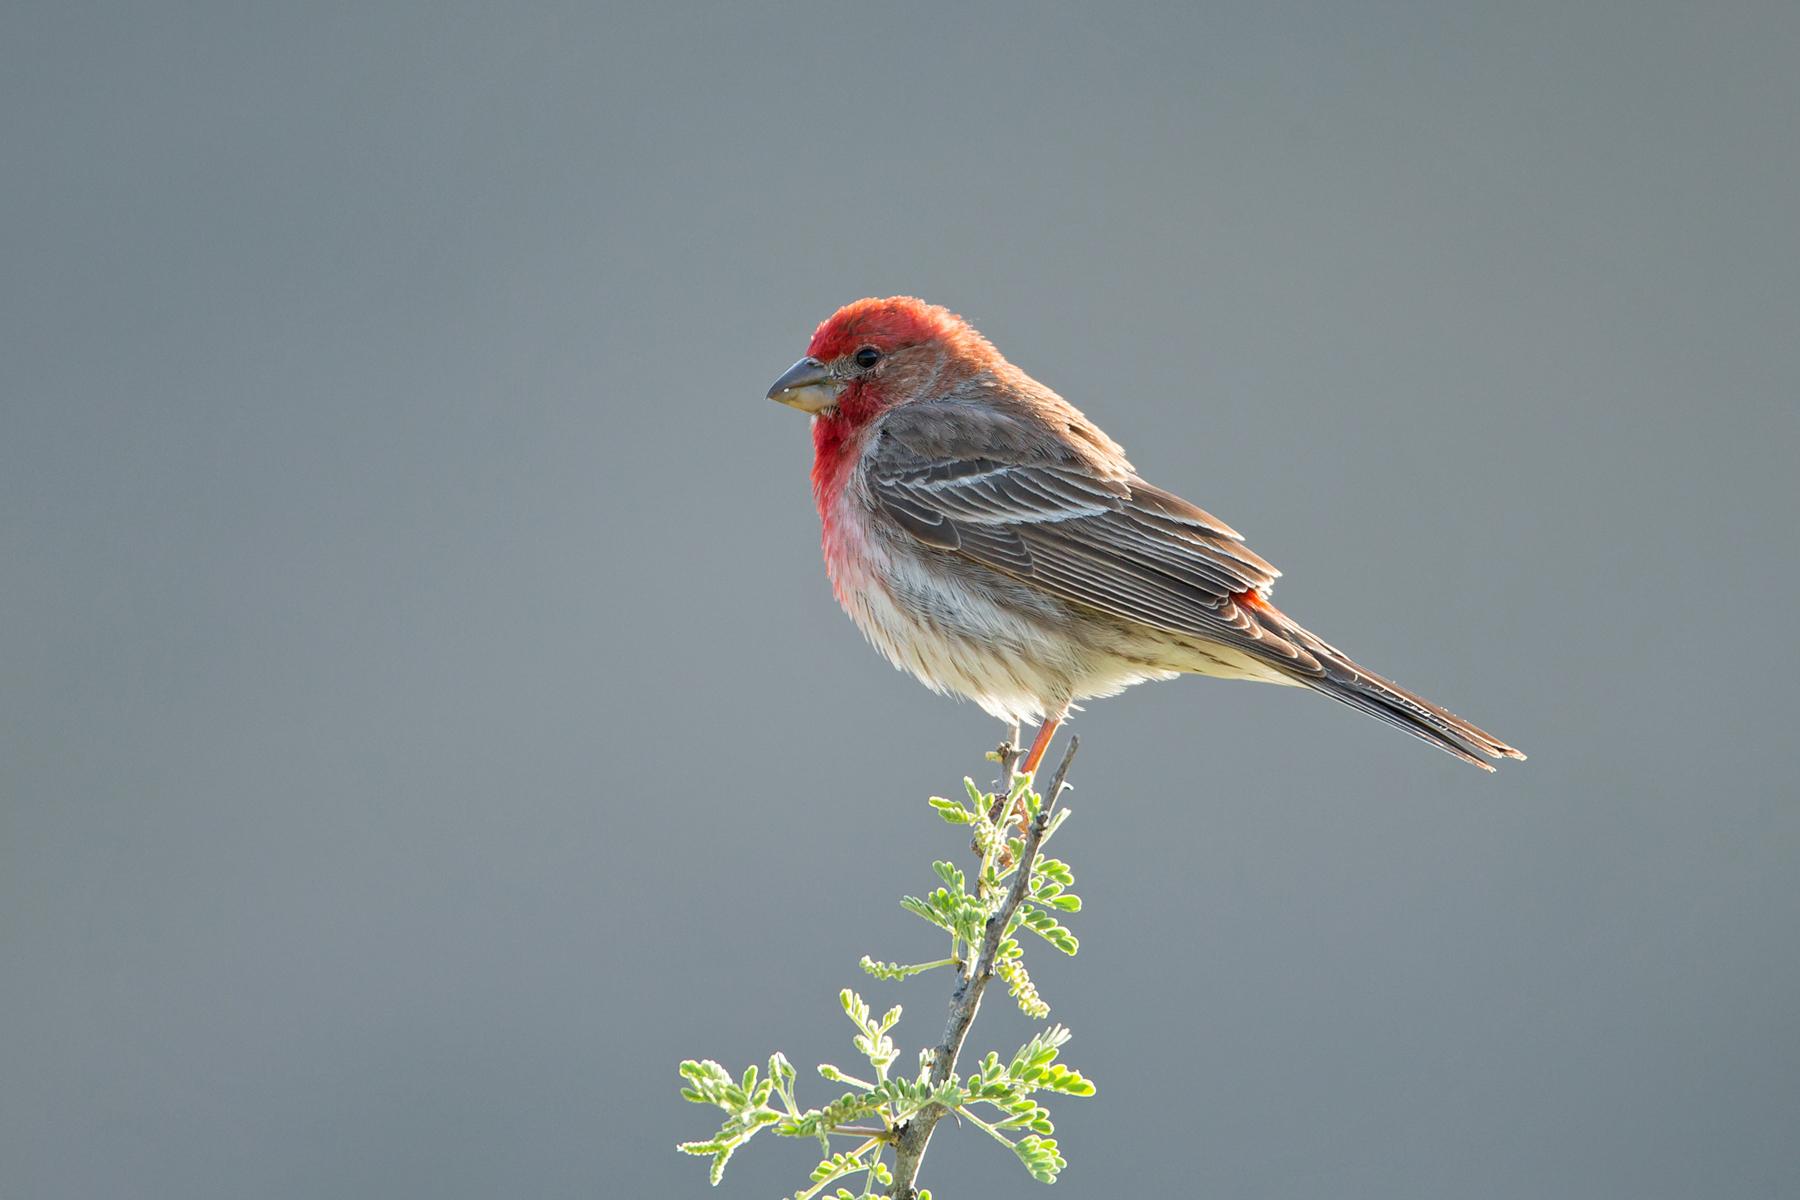 Texas Birding Tours - Texas Birdwatching Tours - Birdquest